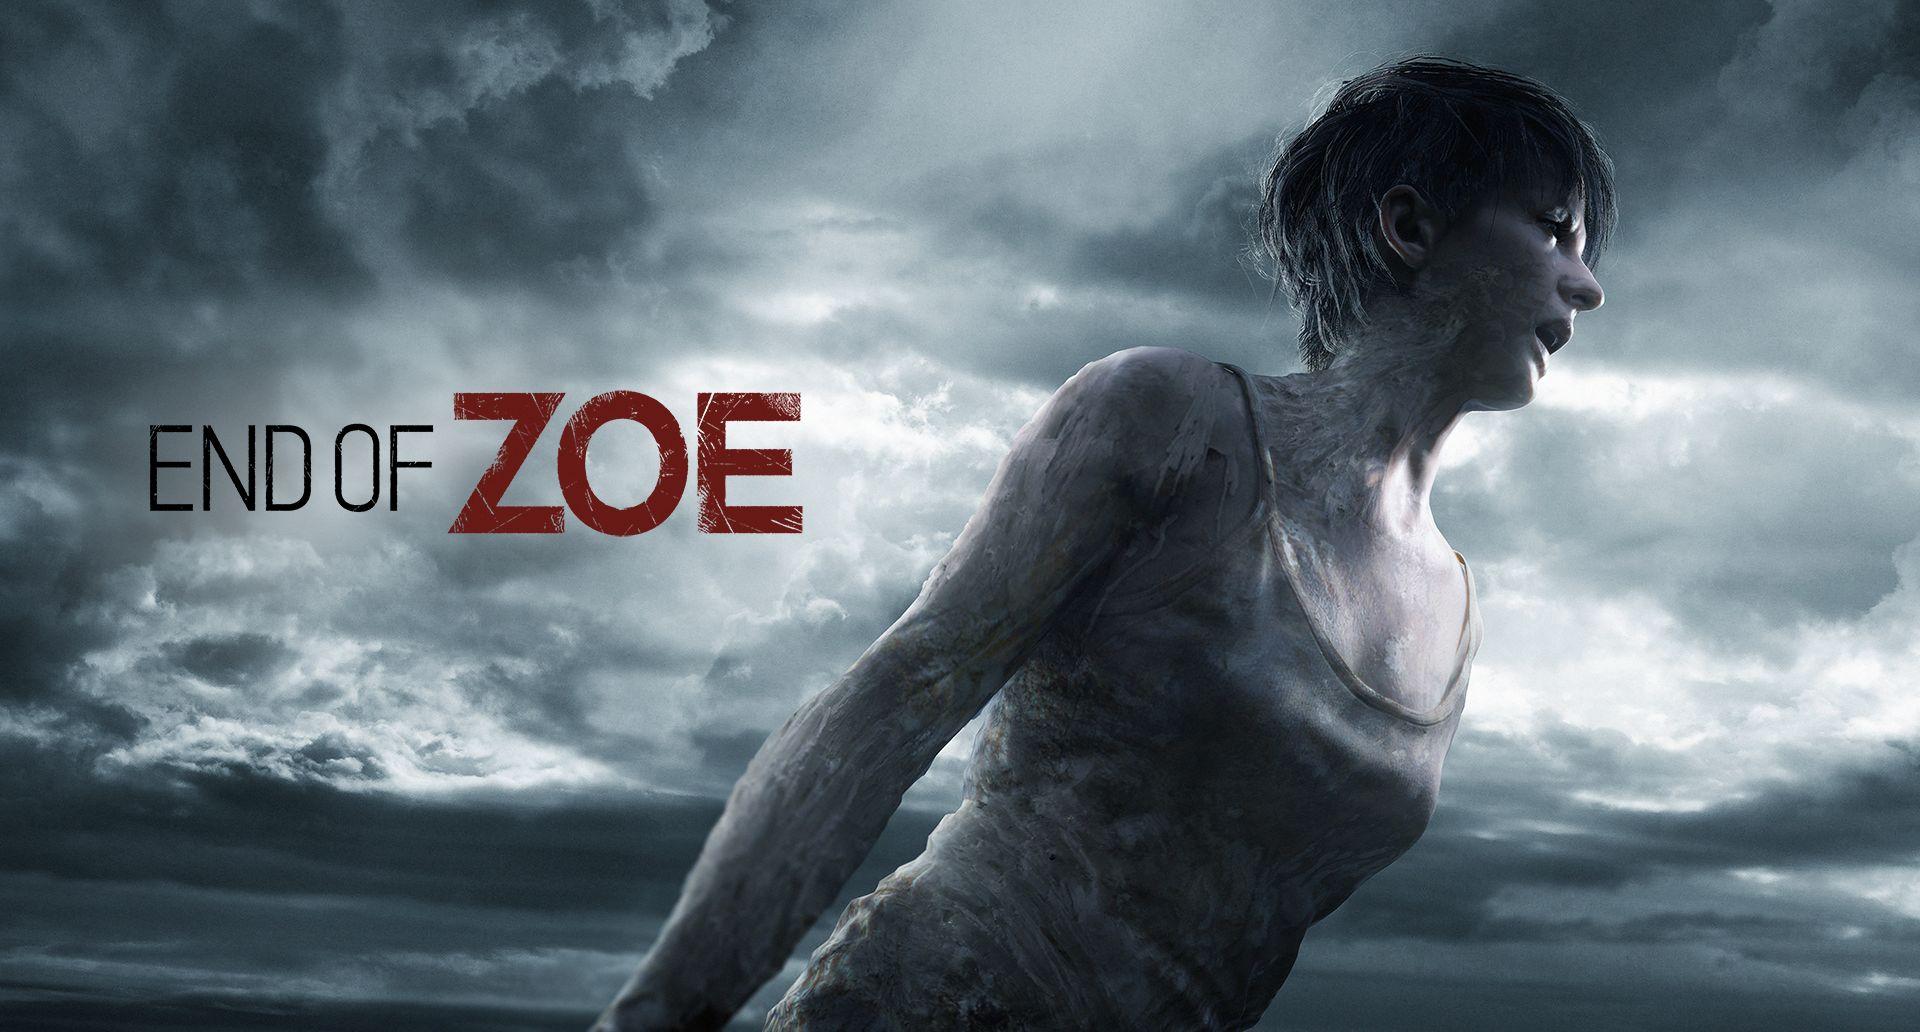 El fin de Zoe